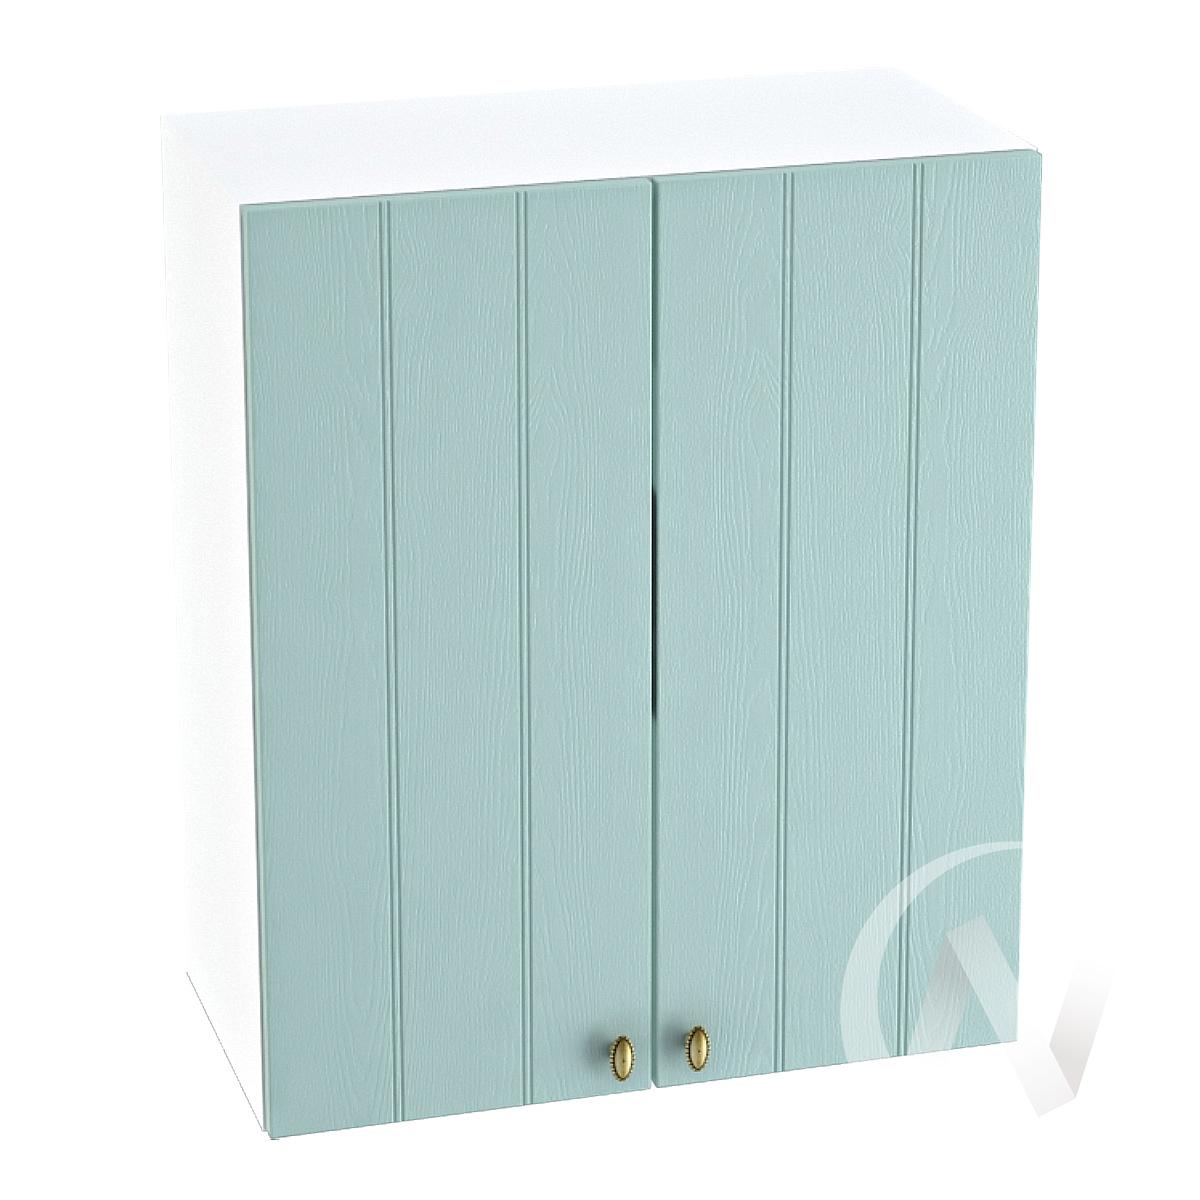 """Кухня """"Прованс"""": Шкаф верхний 600, ШВ 600 новый (голубой/корпус белый)"""